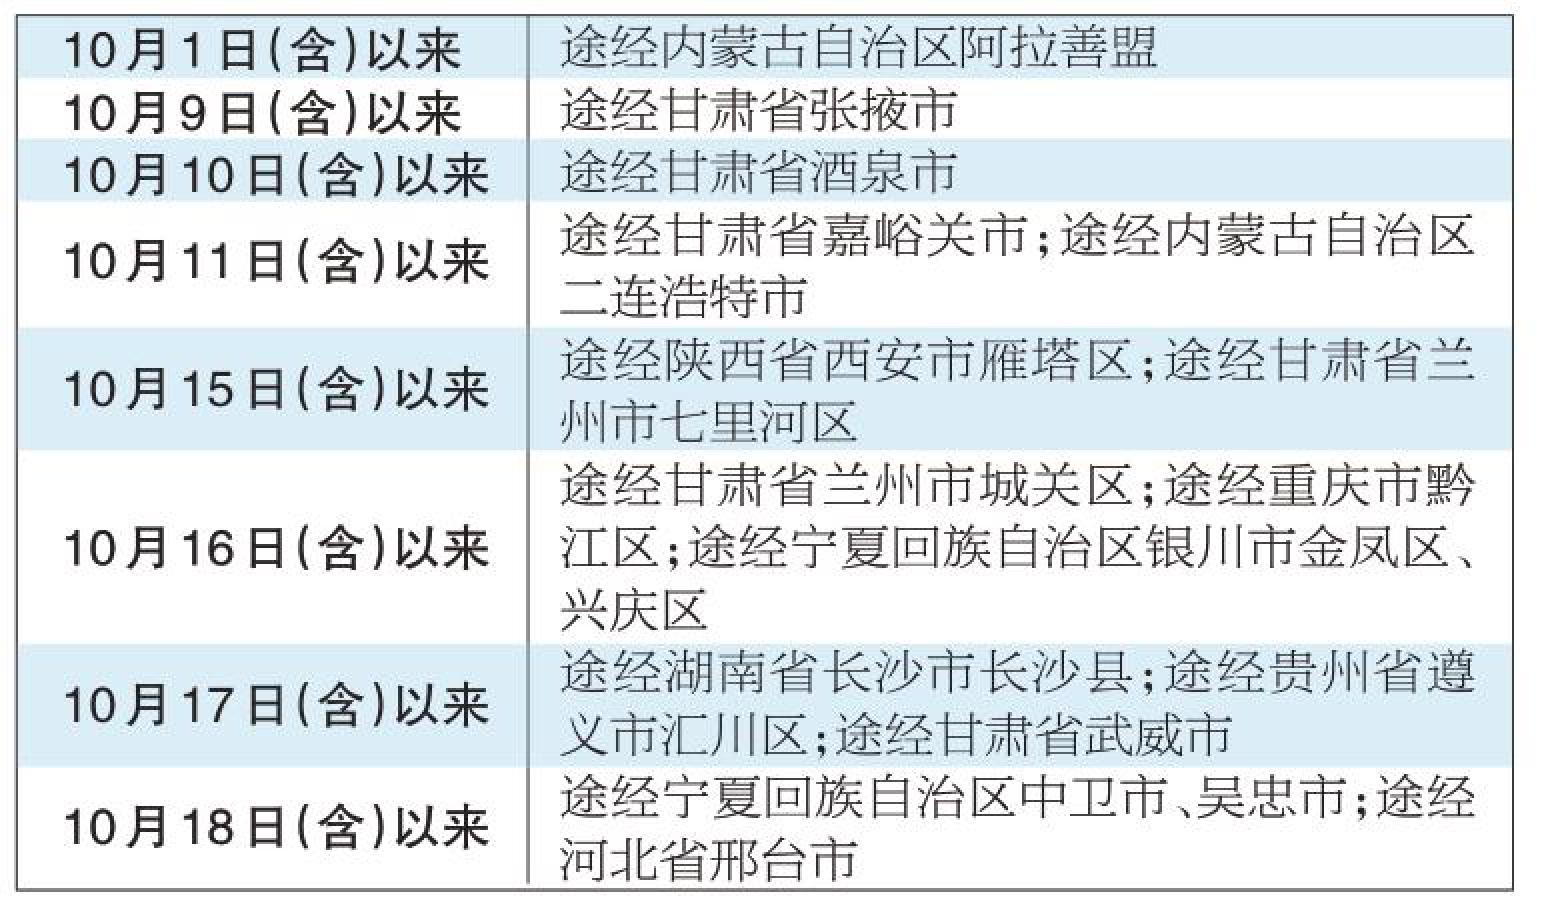 邢台两例无症状感染者在京轨迹公布,这些来返京人员须主动报告